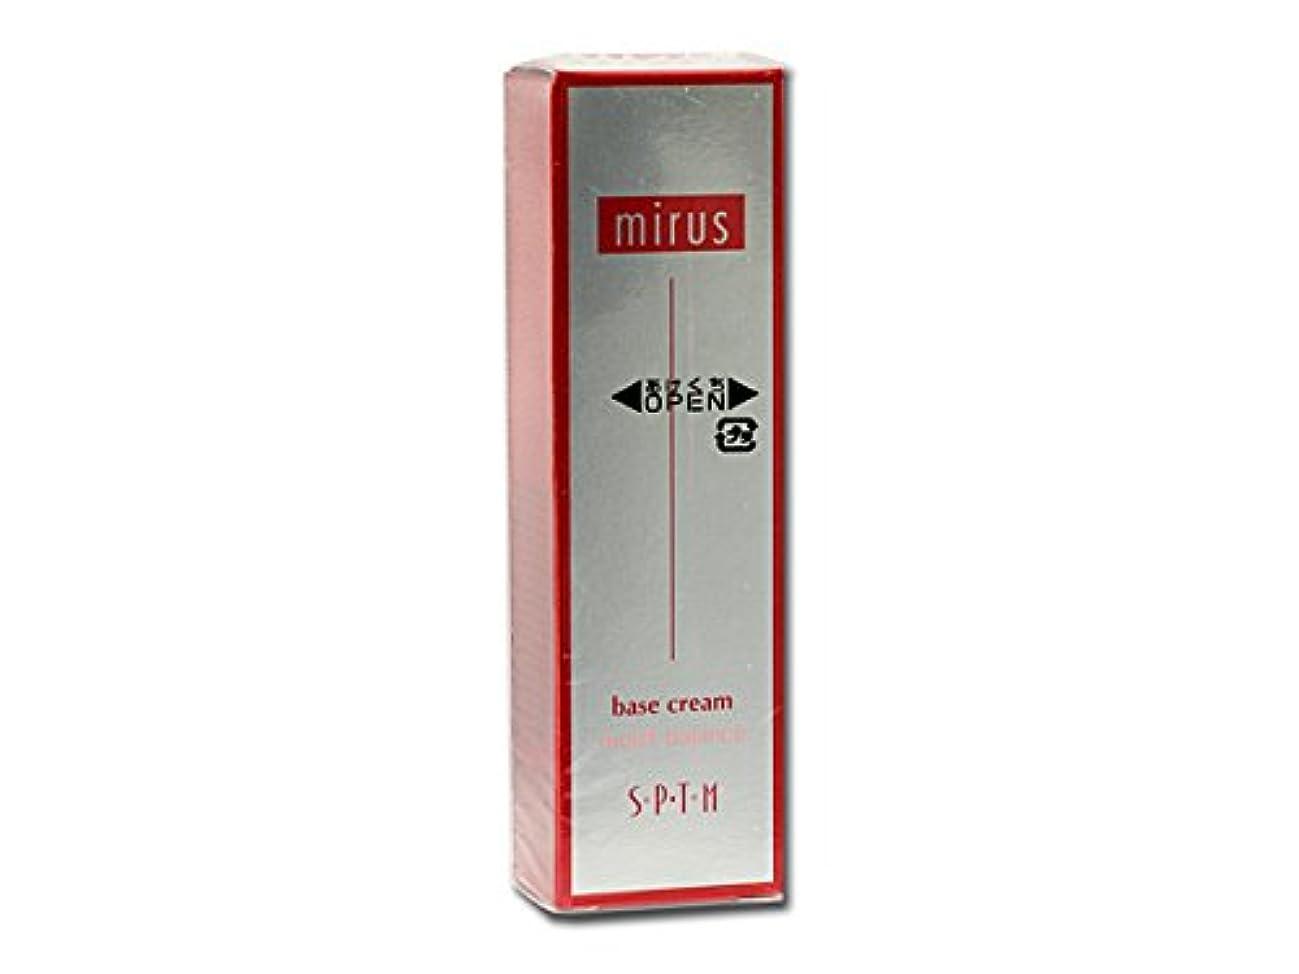 読みやすいリングレット歌うセプテム ミラス ベースクリーム モイストバランス 30g